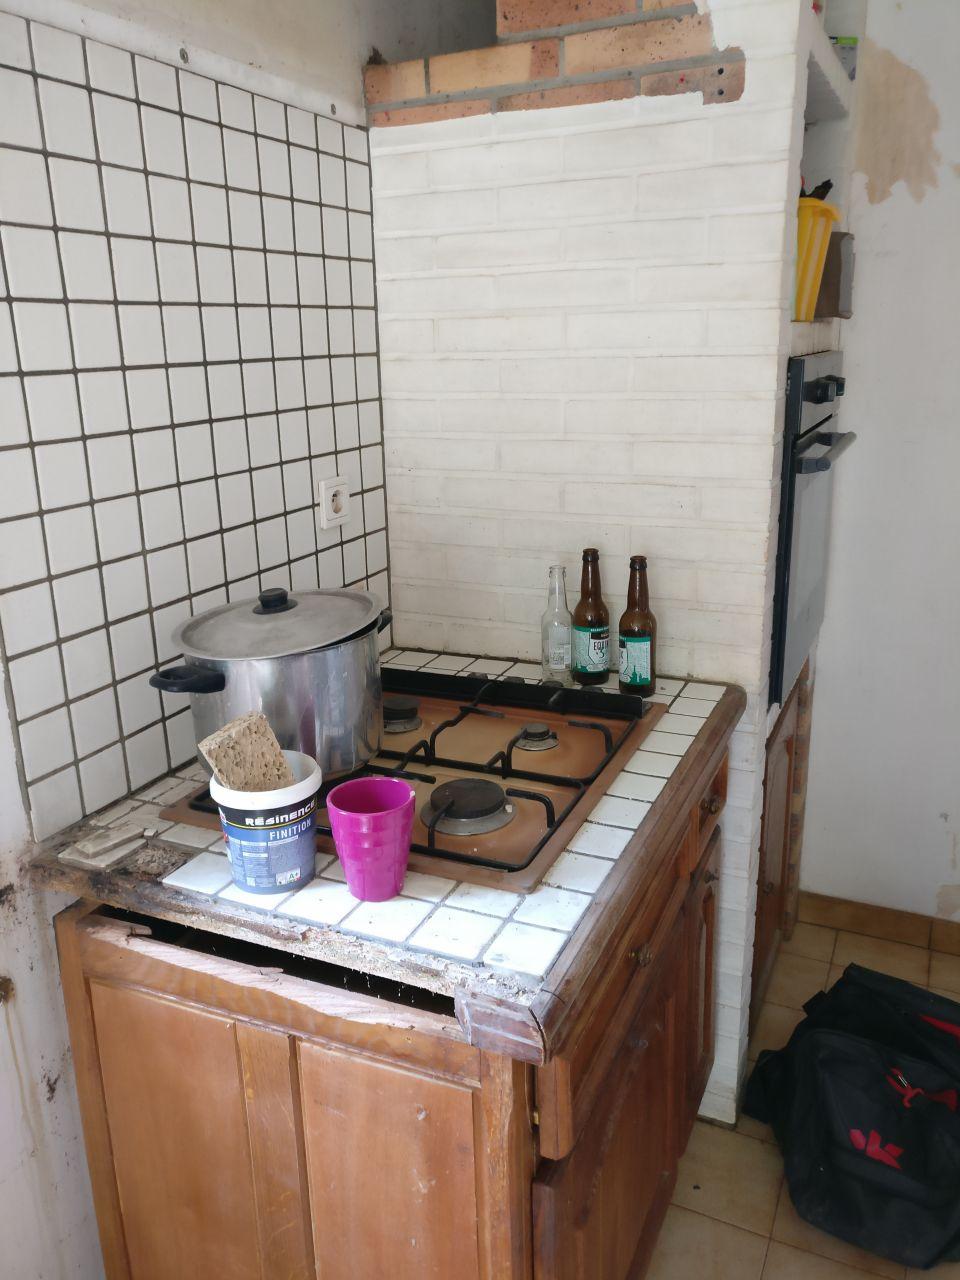 l'ancienne cuisine avec les meuble déposée, gros travail a faire sur les murs pour la transformer en véritable entrée